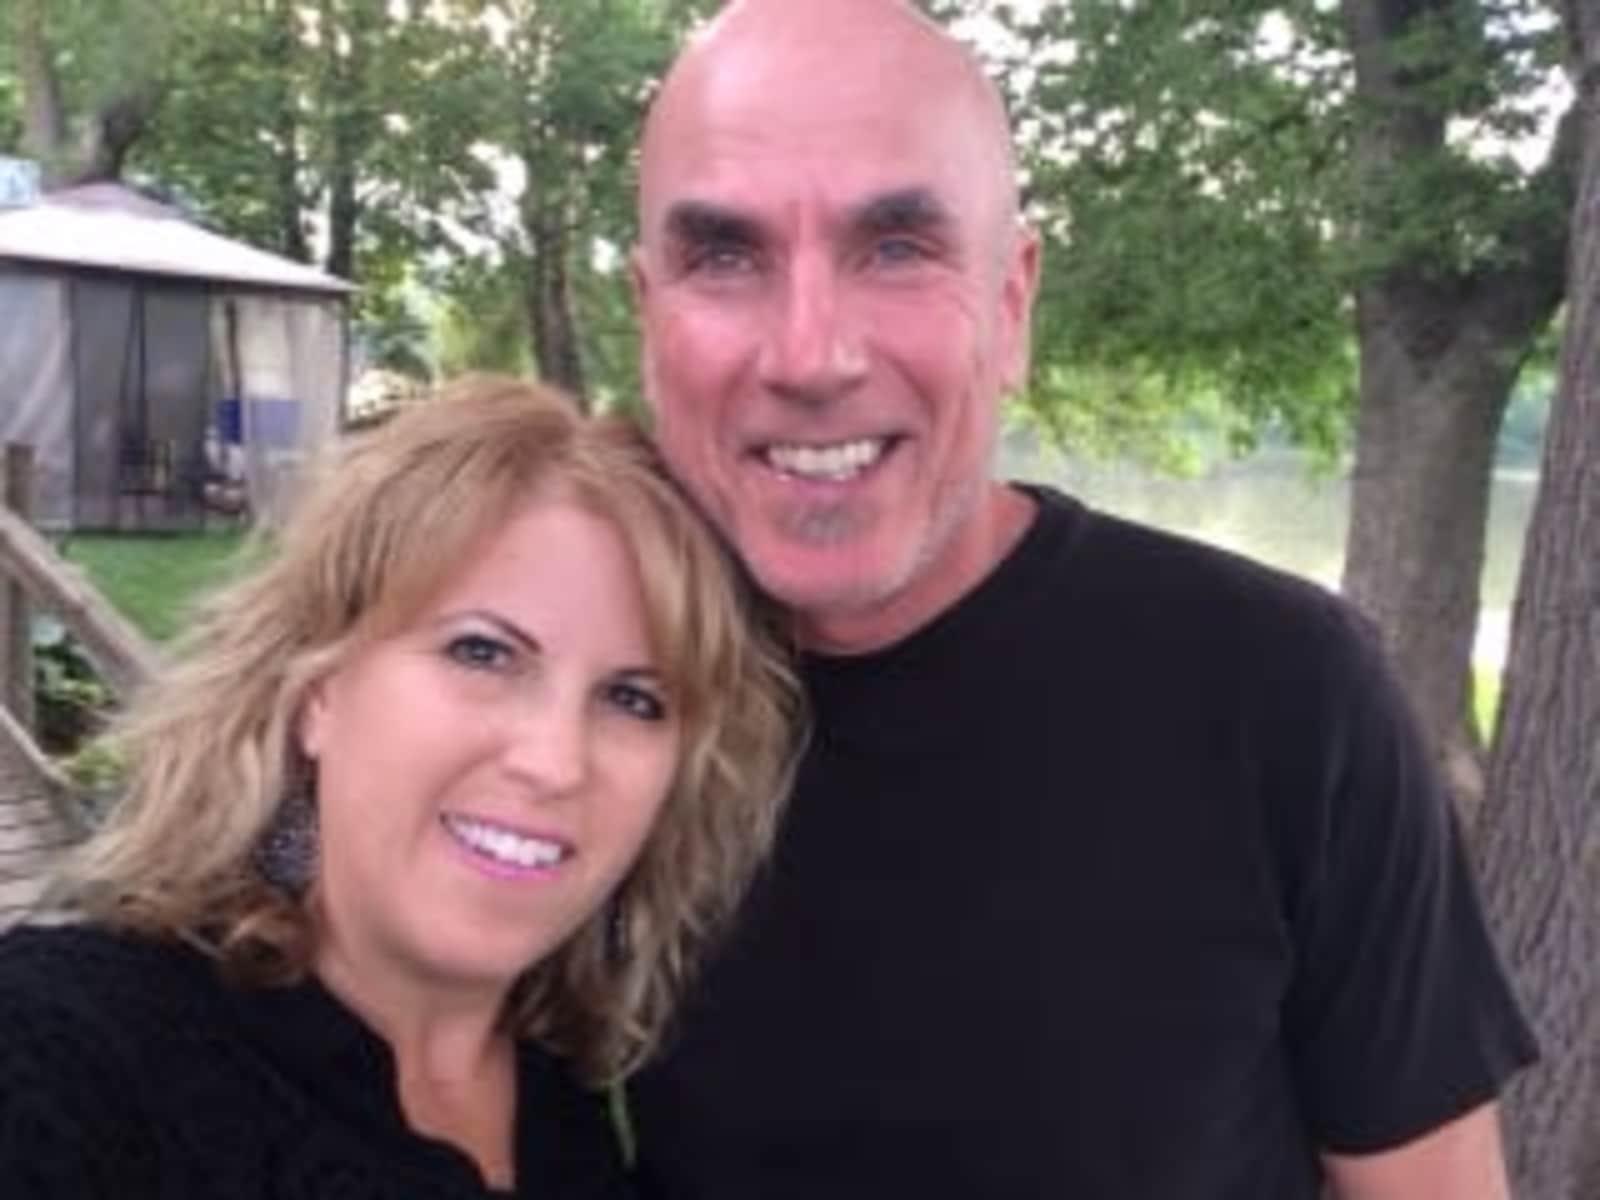 Jill & Dan from Kewanee, Illinois, United States